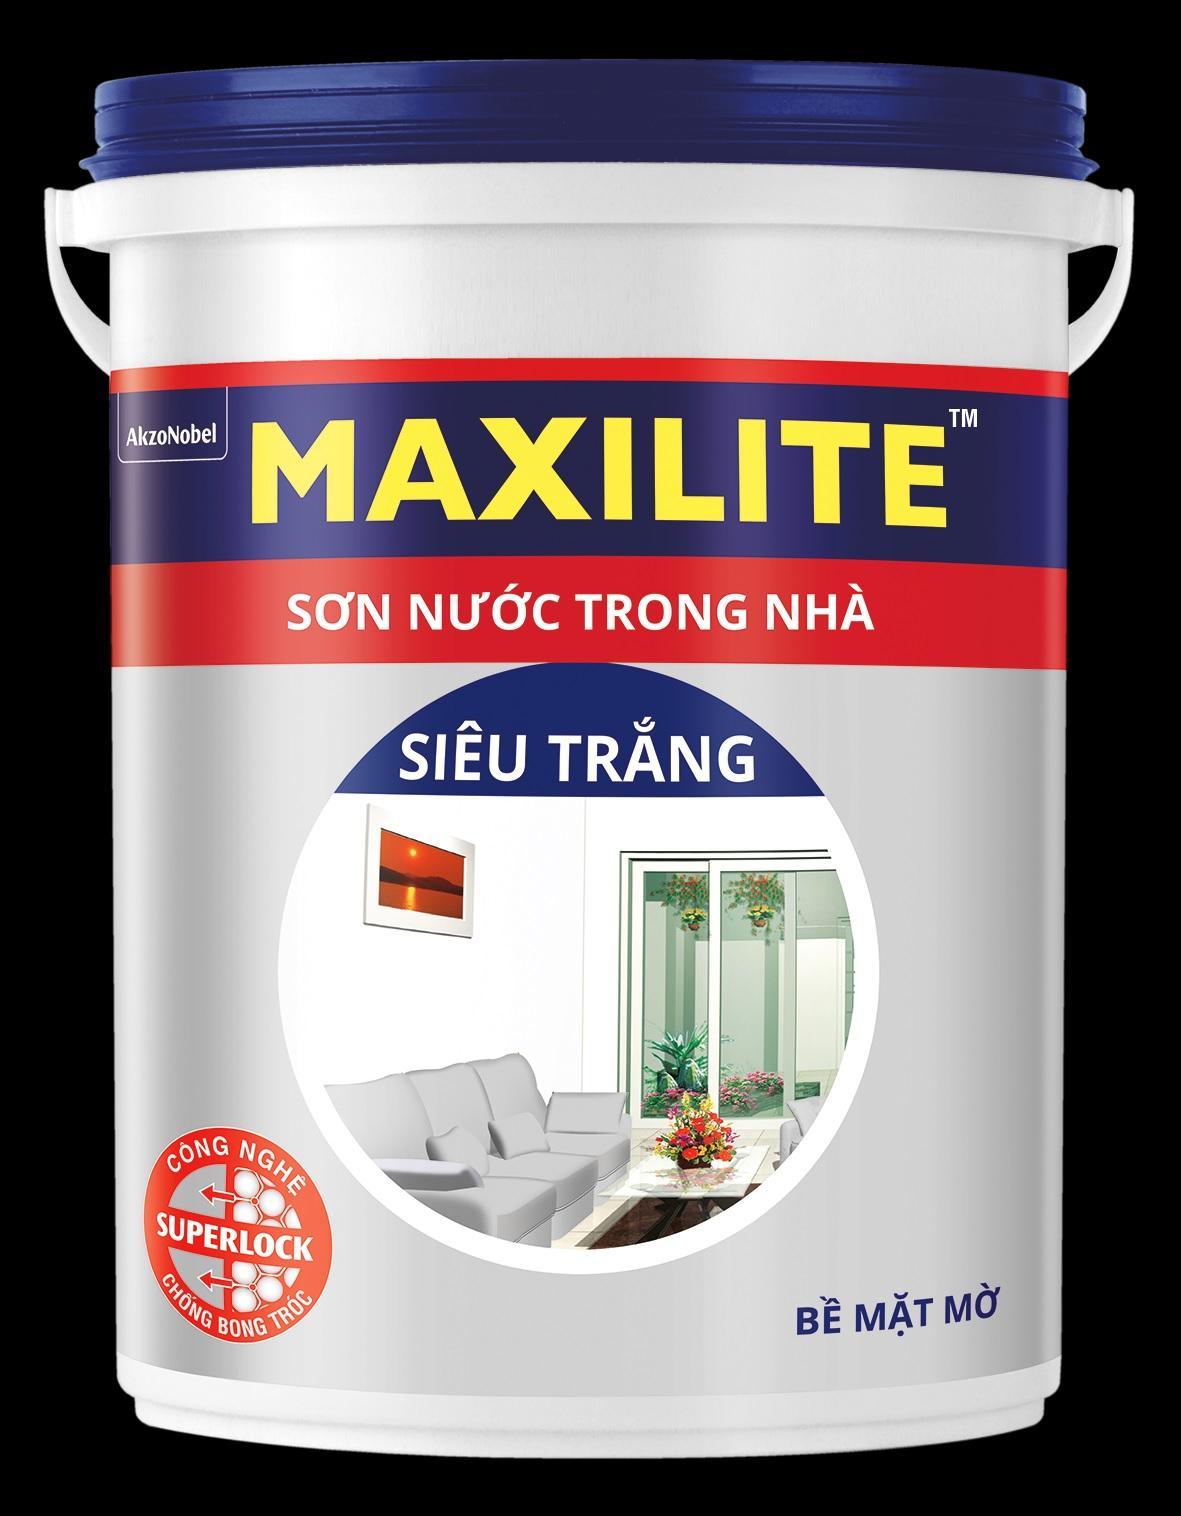 Hình ảnh Sơn nước trong nhà Maxilite Total